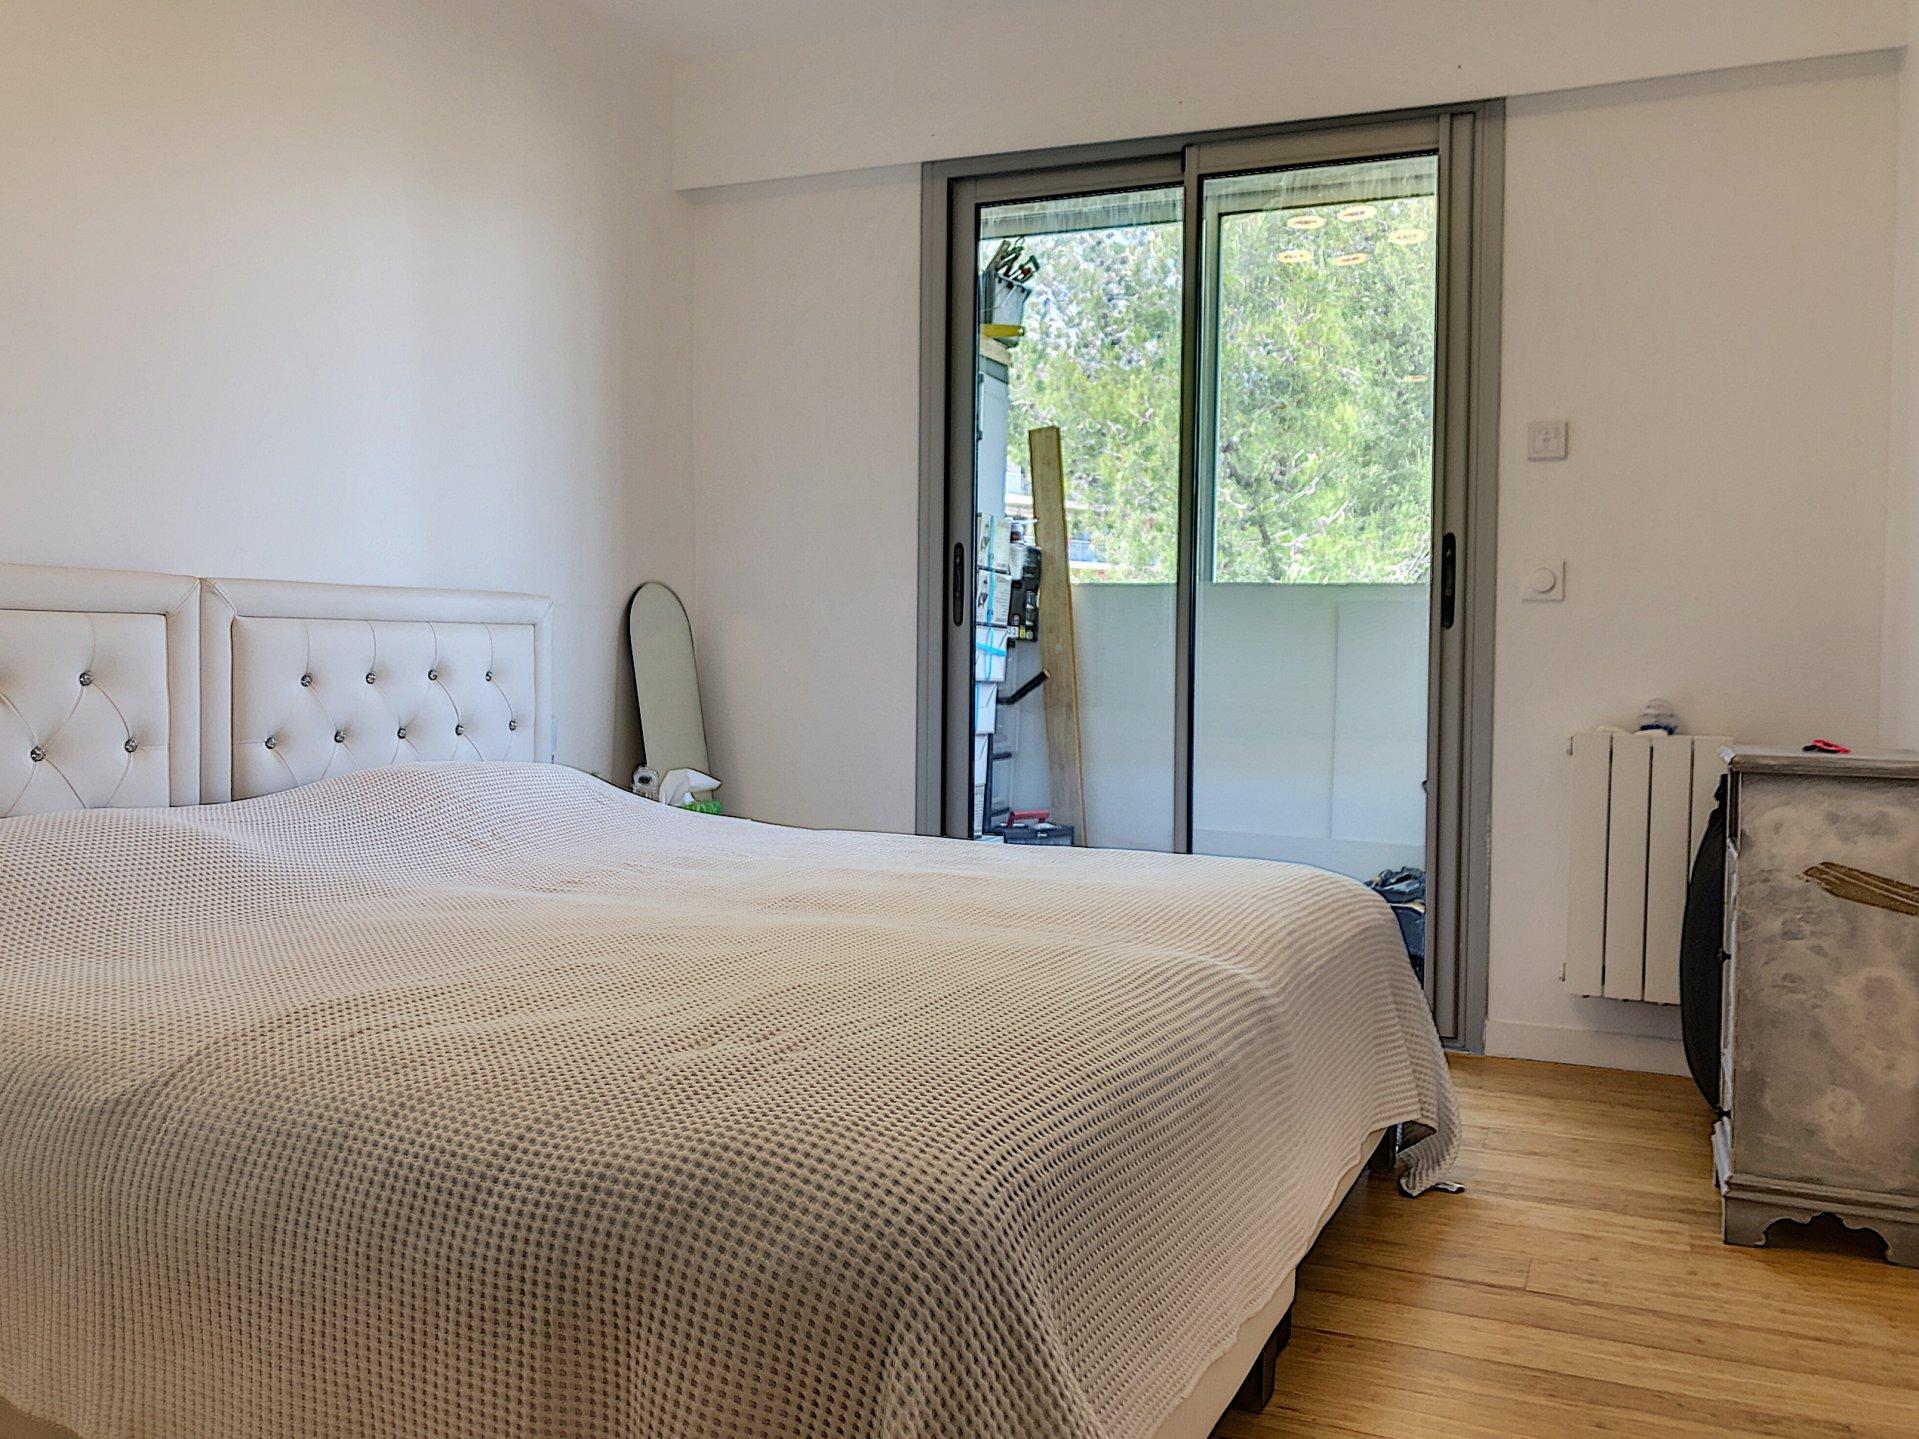 St Laurent du Var (06700) - Appartement Villa / Duplex - 5 Pièces - Dernier étage